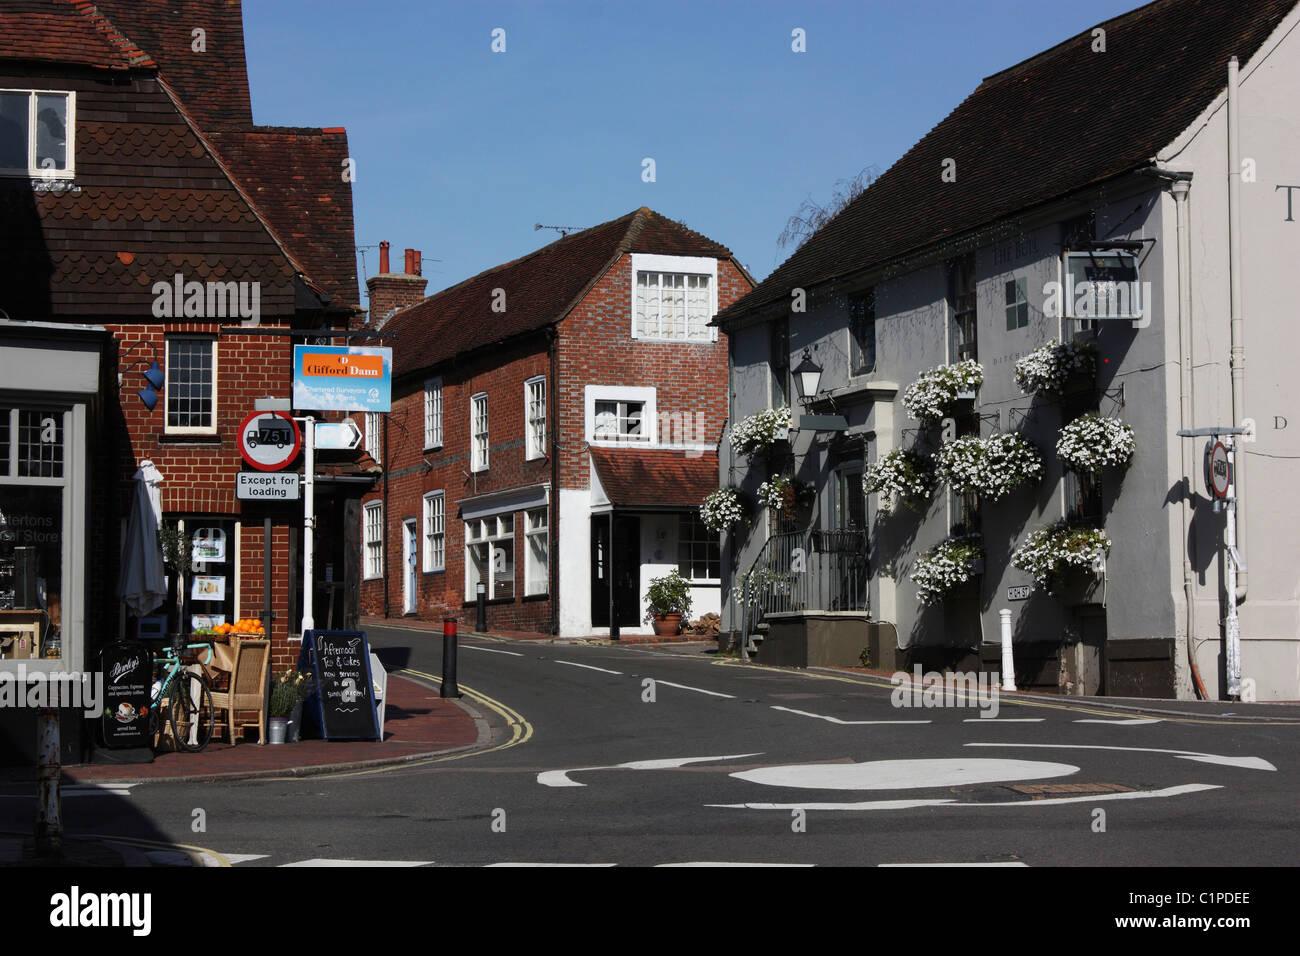 England, Sussex, Ditchling, Kreisverkehr in Dorf Stockbild